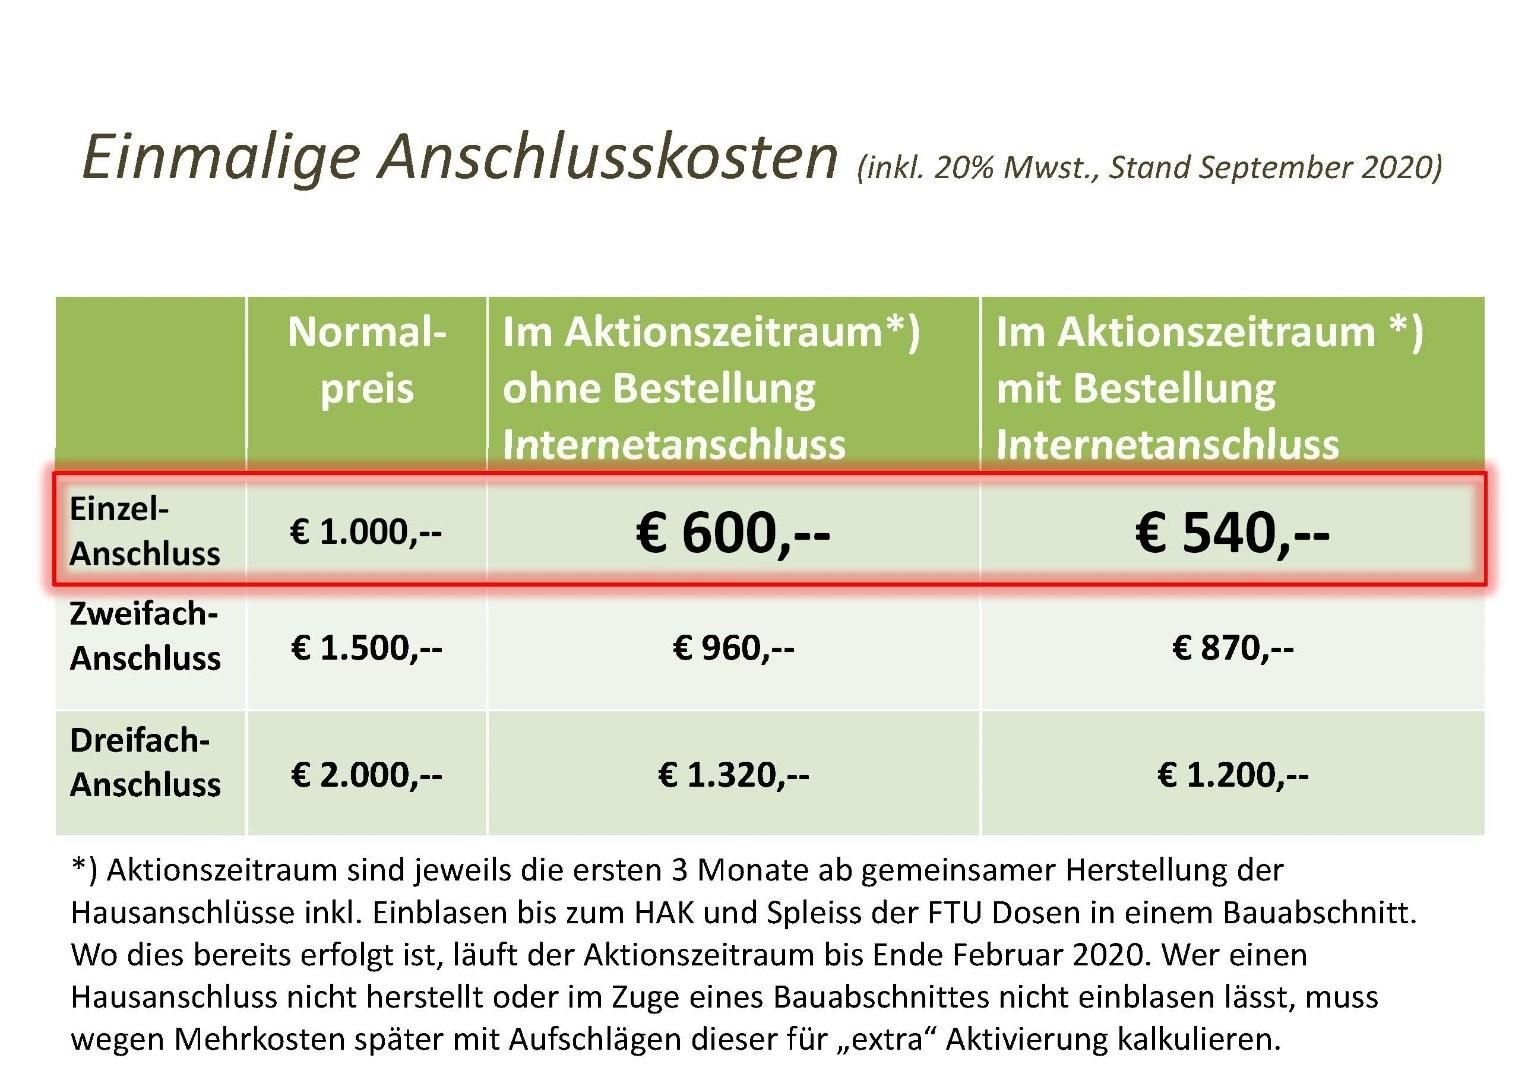 Anschlusskosten.jpg